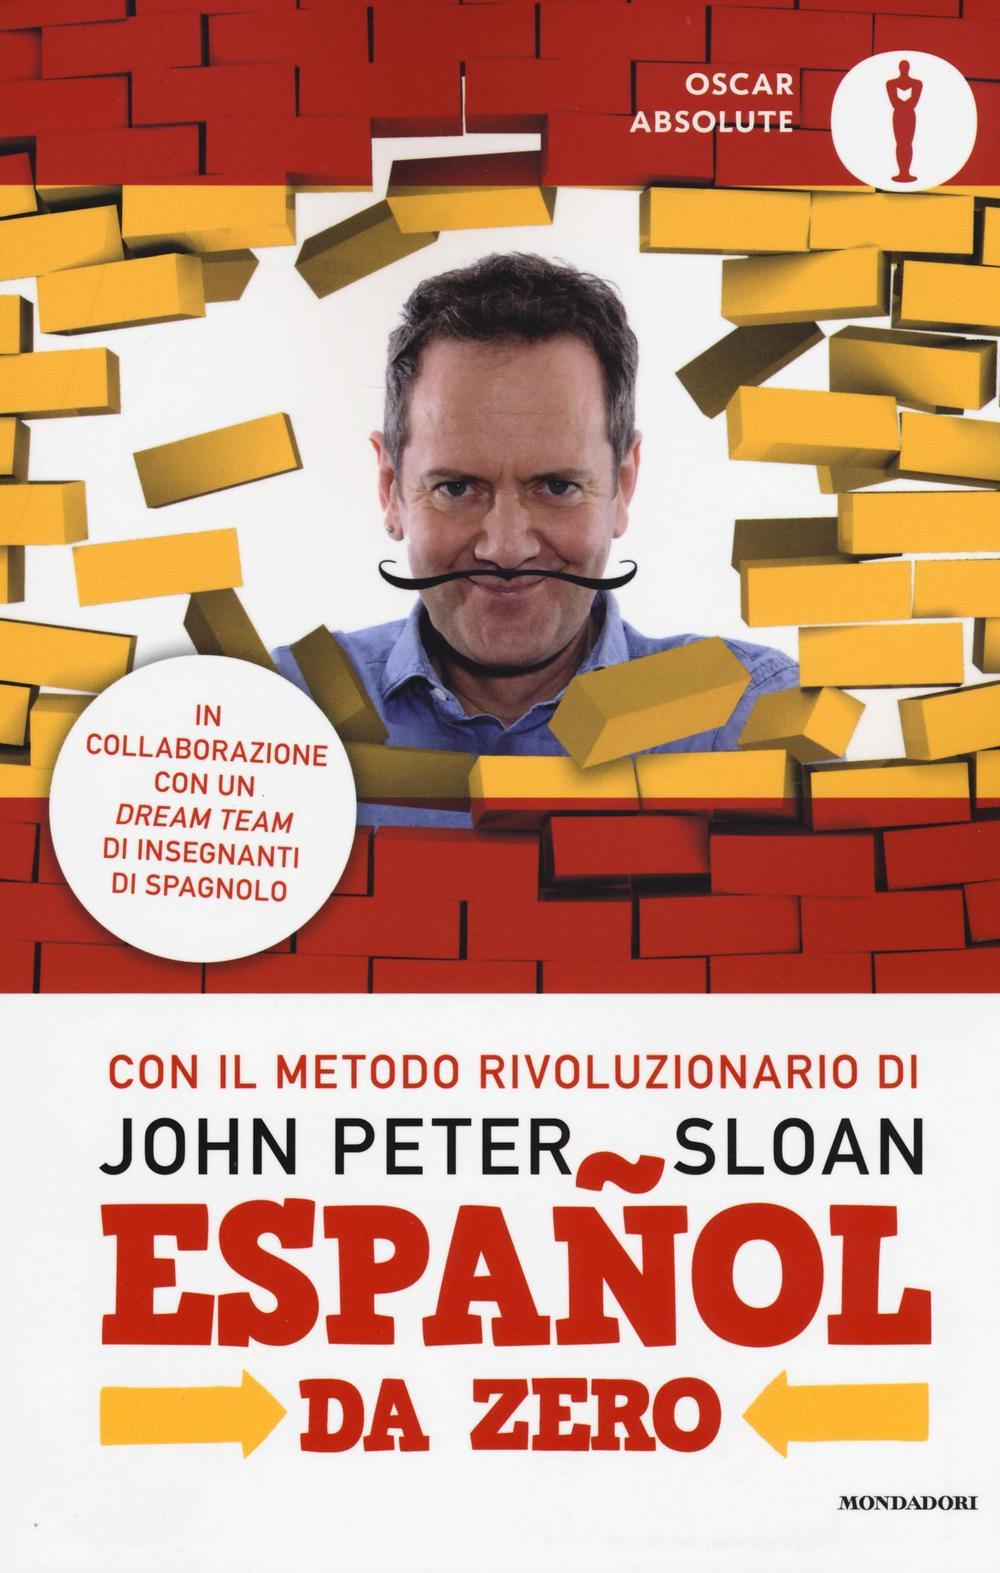 John Peter Sloan Español da zero ISBN:9788804665403